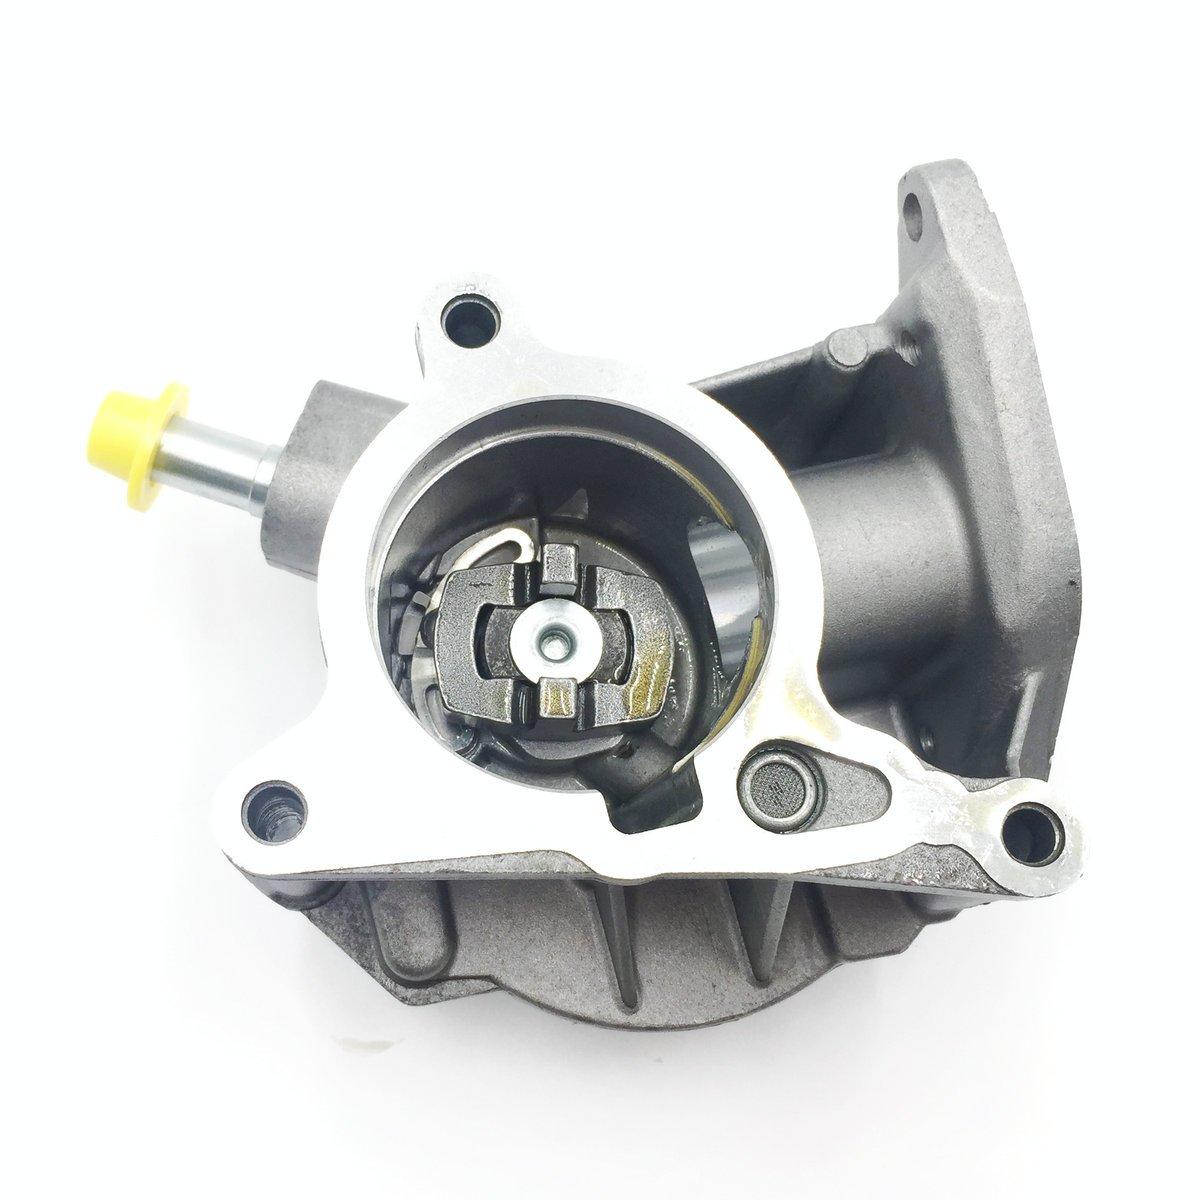 06H145100AD 06H145100AK Vacuum pump Fits Audi A3 VW Jetta AIPICO